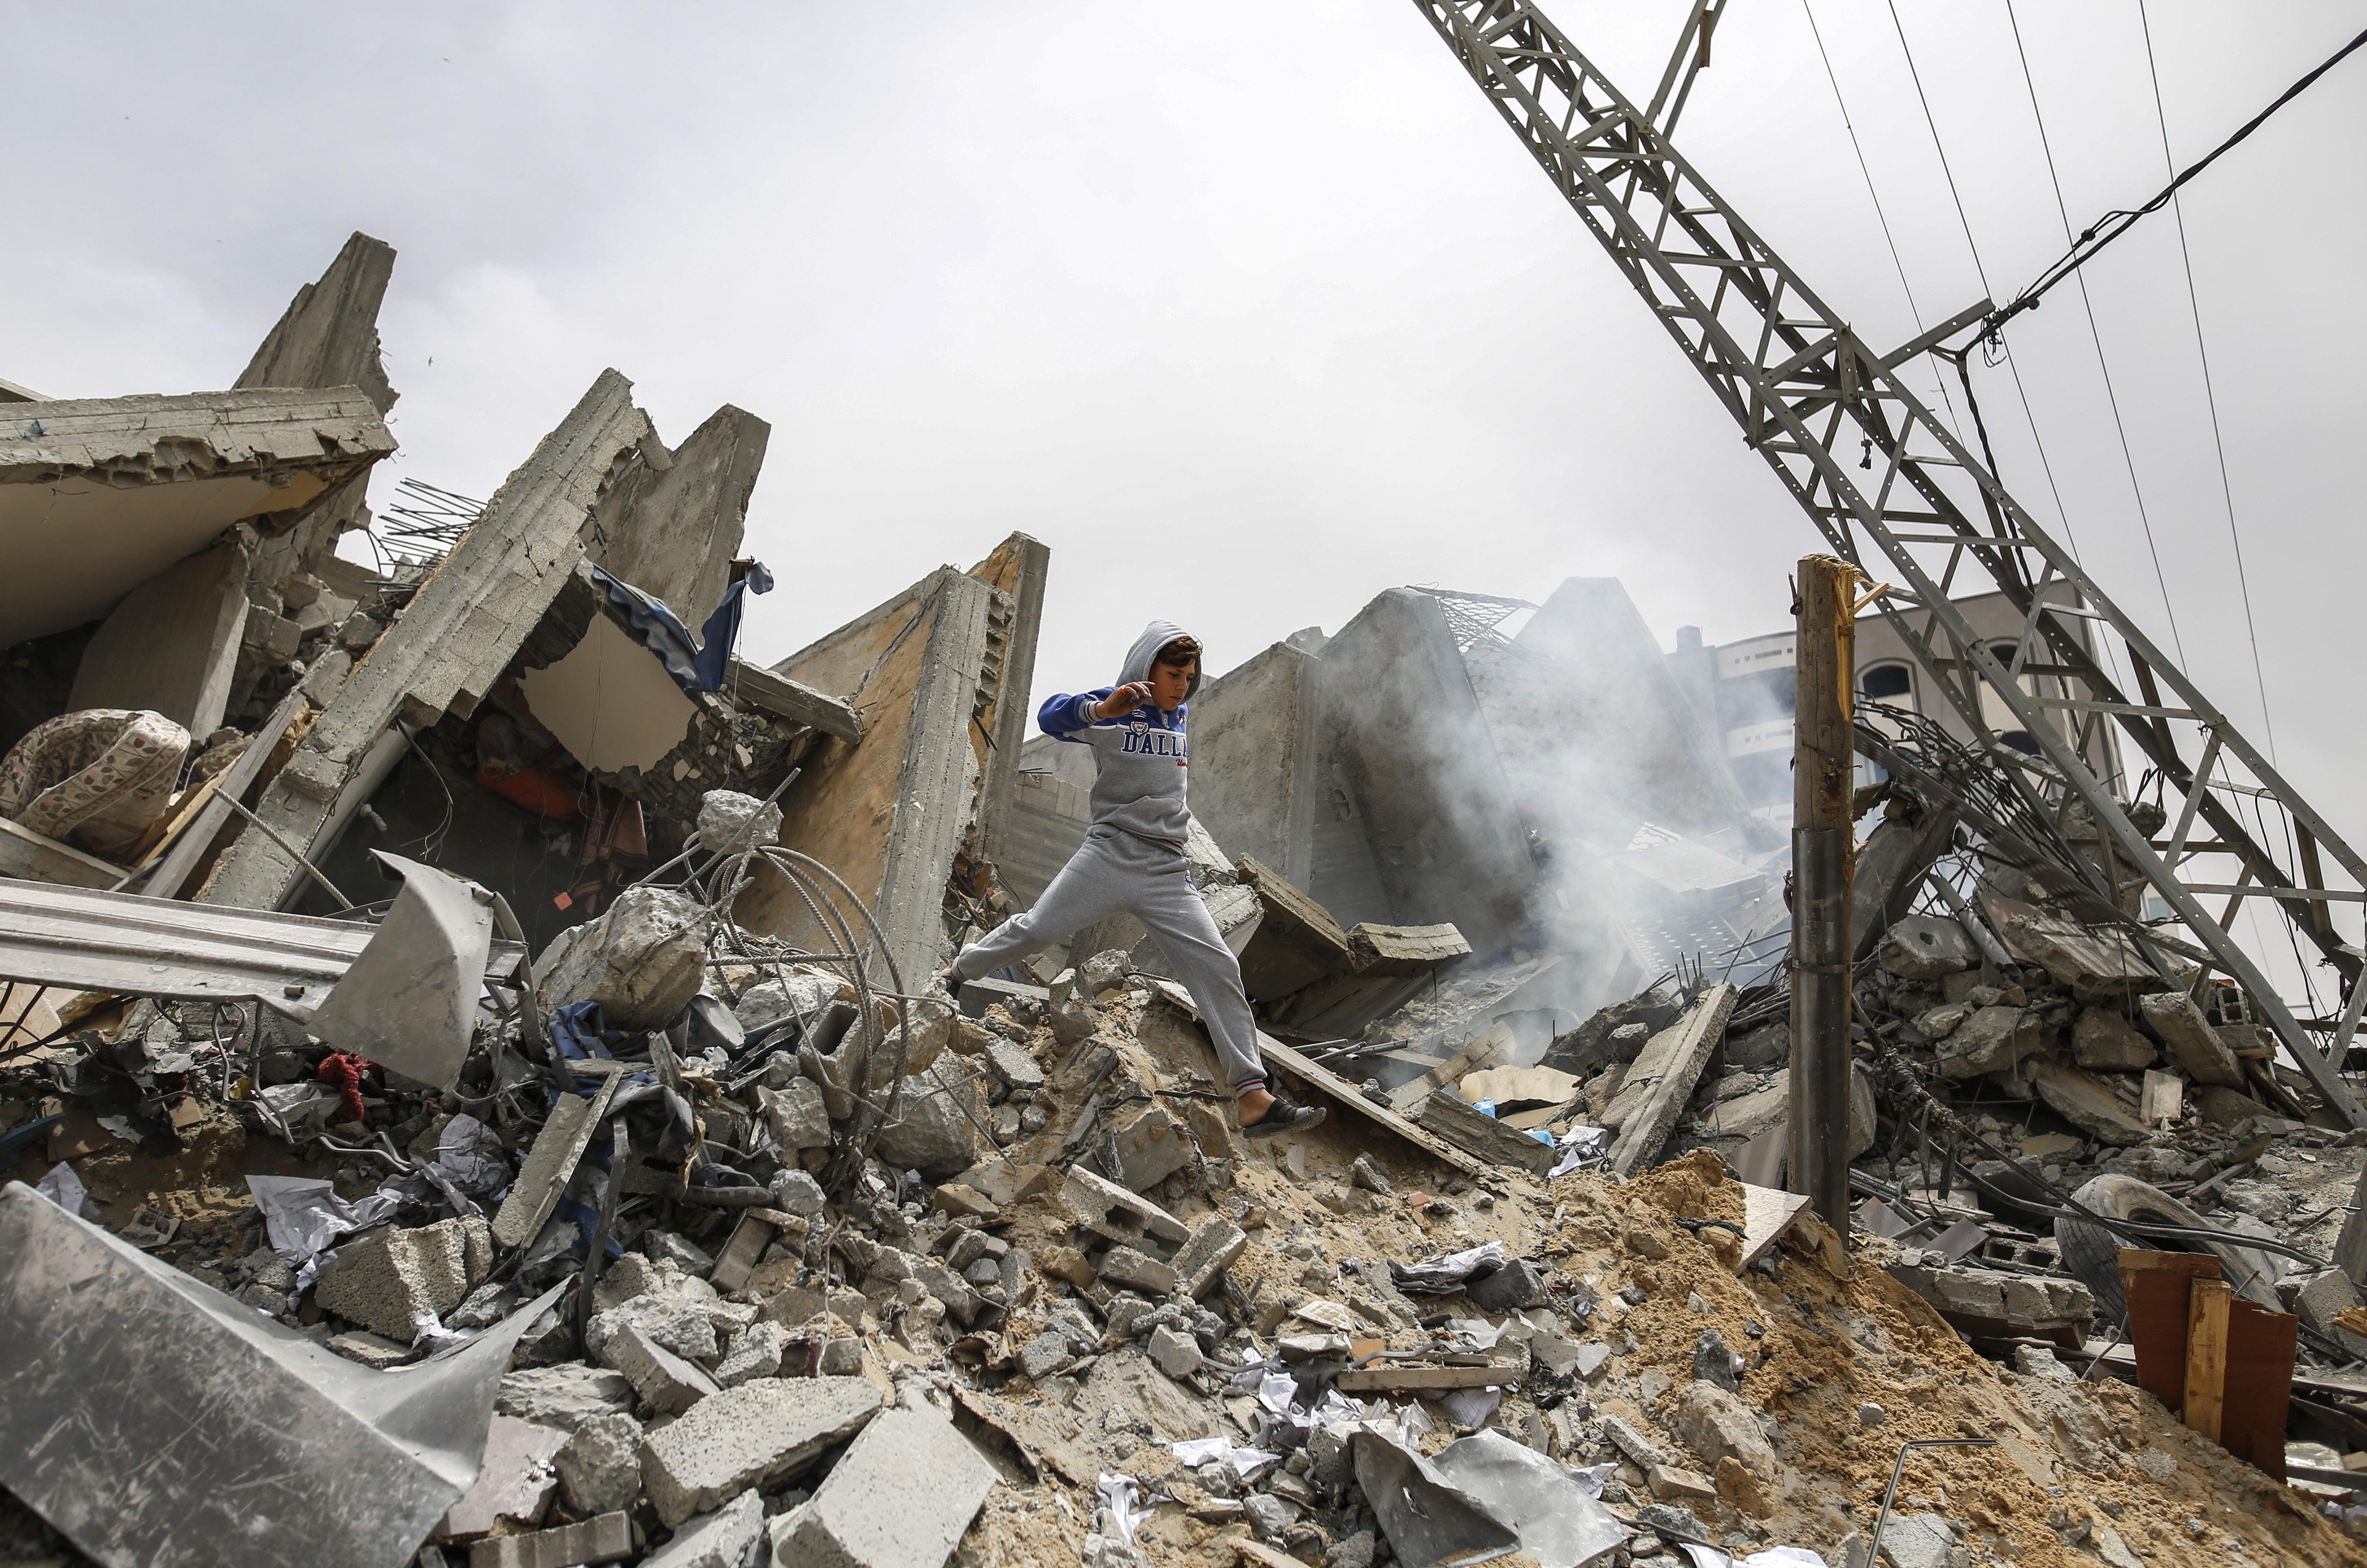 Así quedó parte del pueblo de Netiv Haasara tras el ataque aéreo en la frontera en la Franja de Gaza.